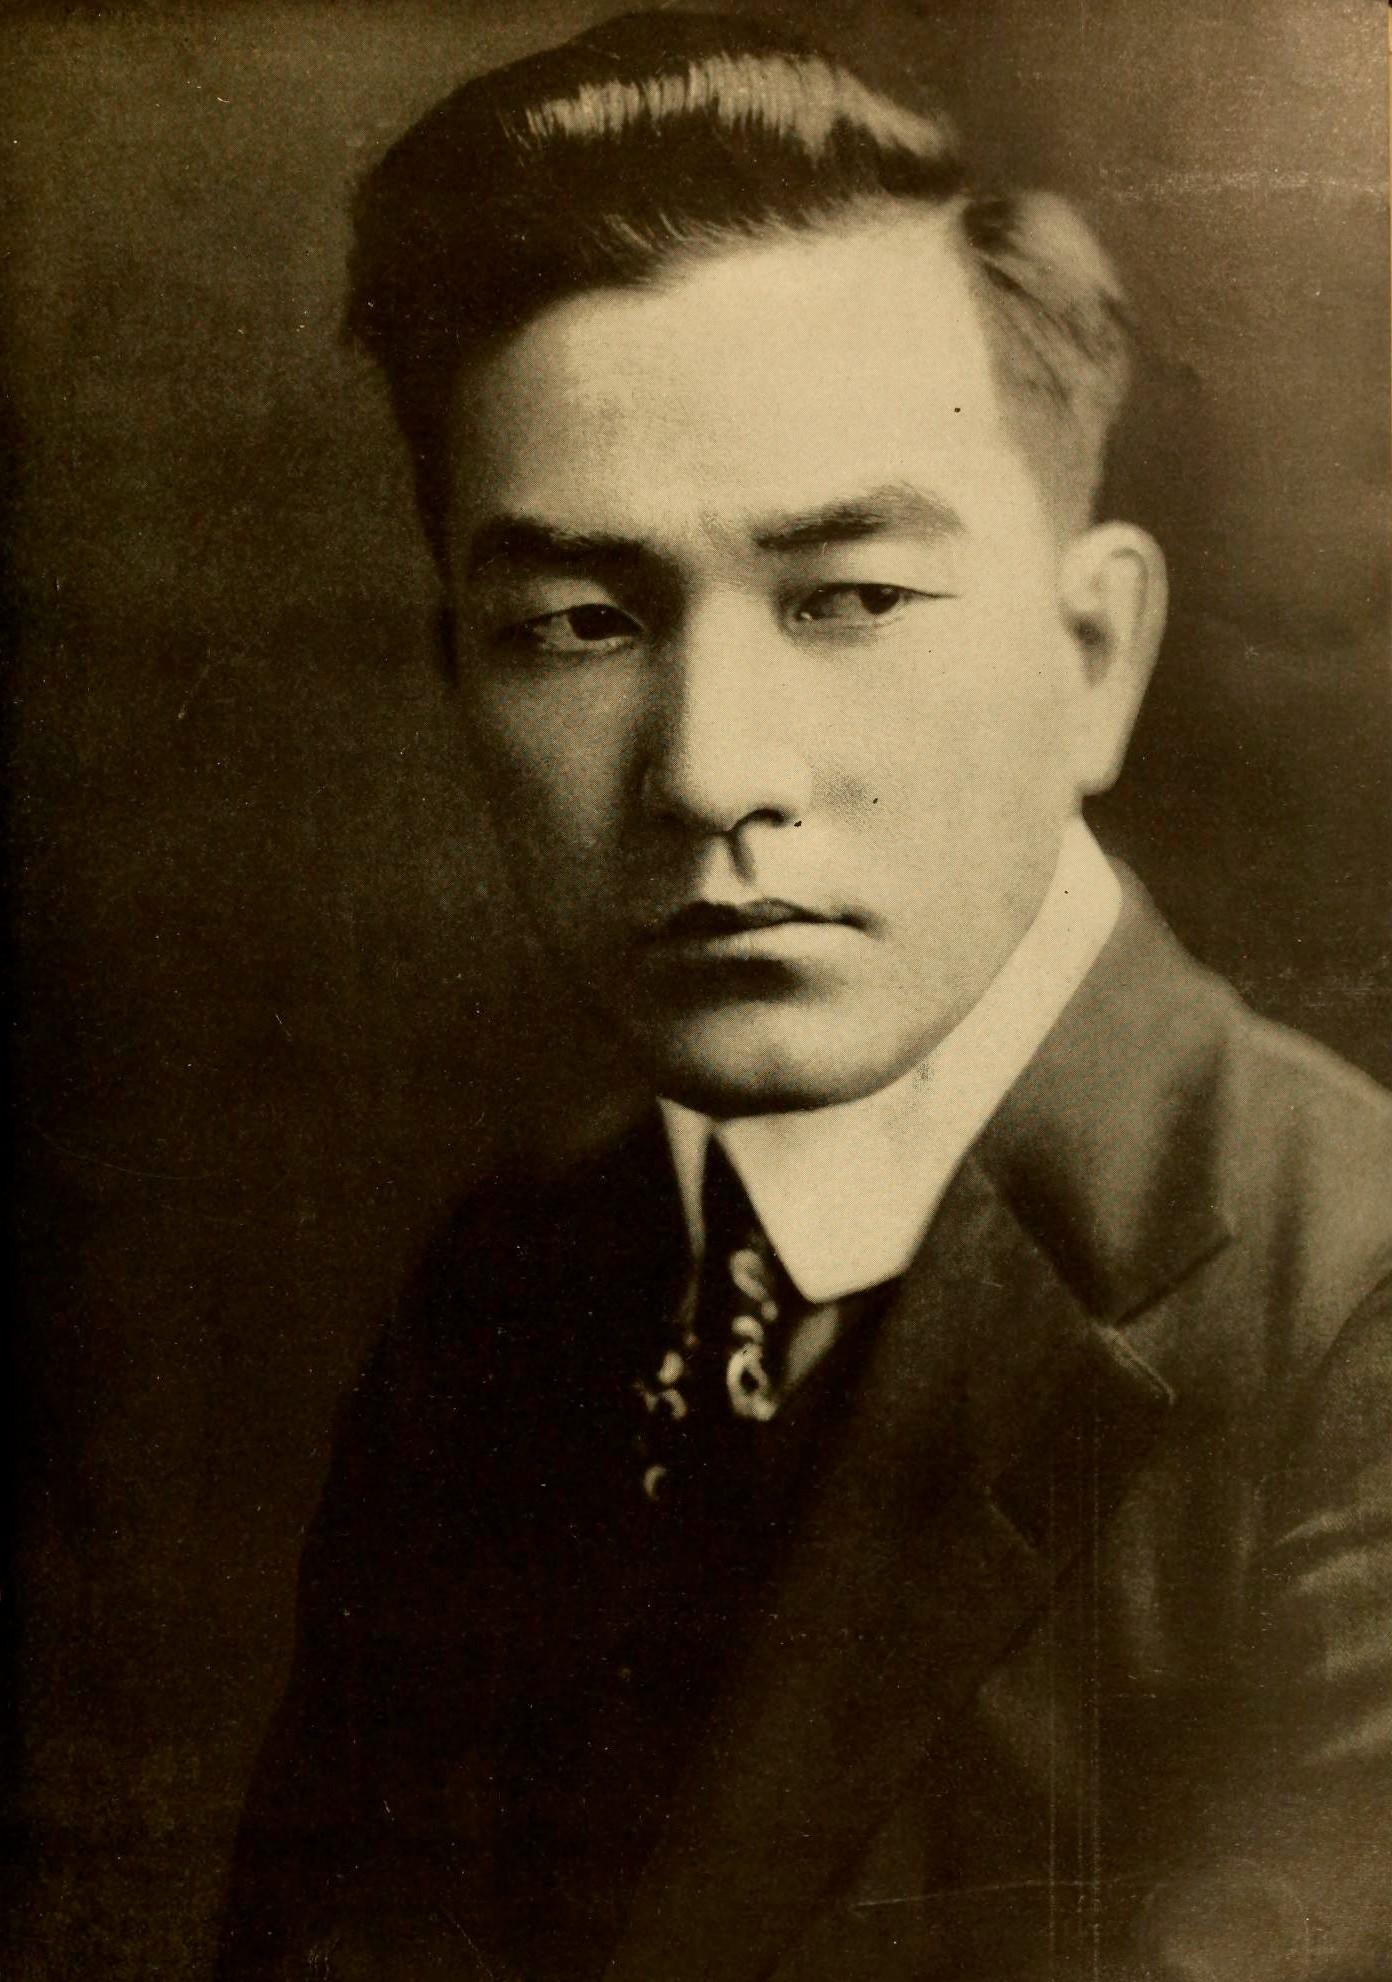 Sessue_Hayakawa_1918